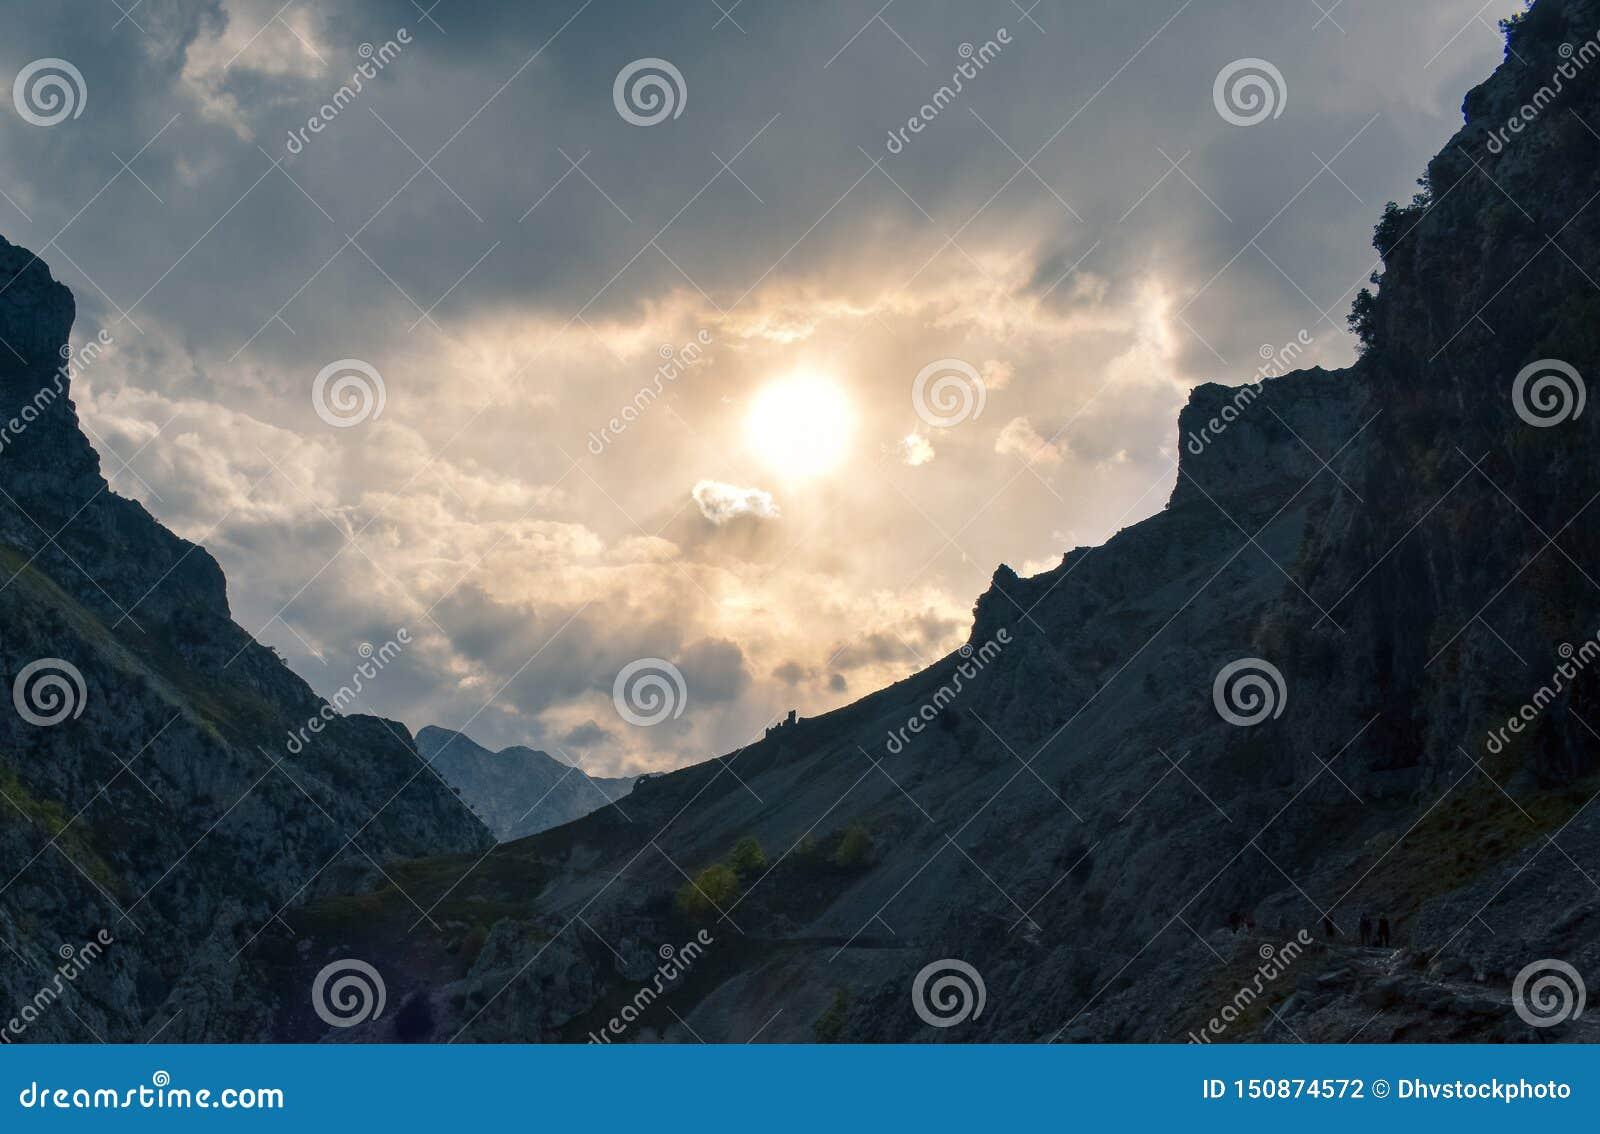 Itinéraire de trekking avec des crêtes au fond au coucher du soleil, Asturies